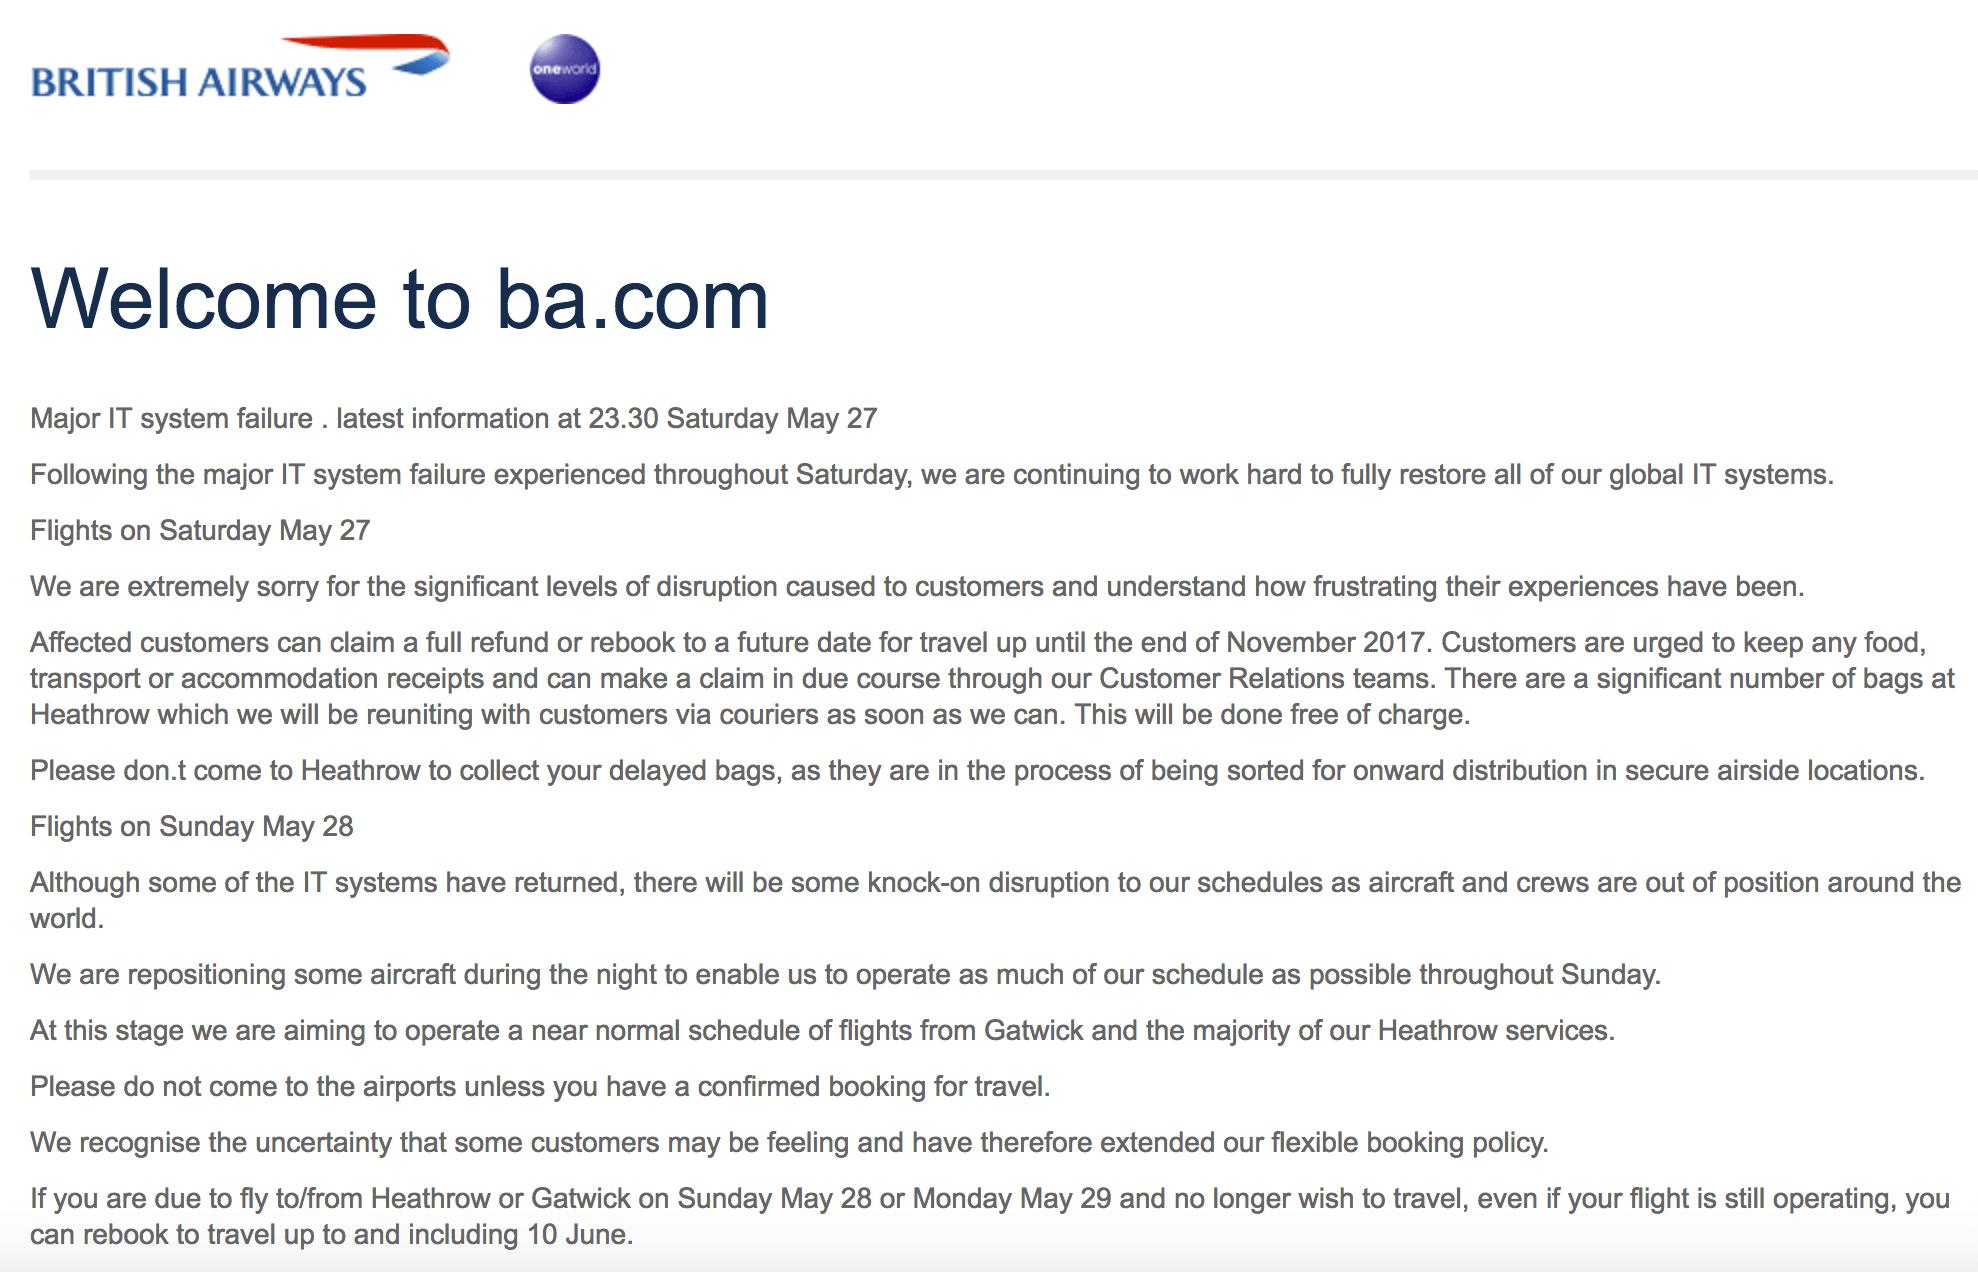 Die Mitteilung von British Airways zum IT-Systemausfall am 27. Mai 2017